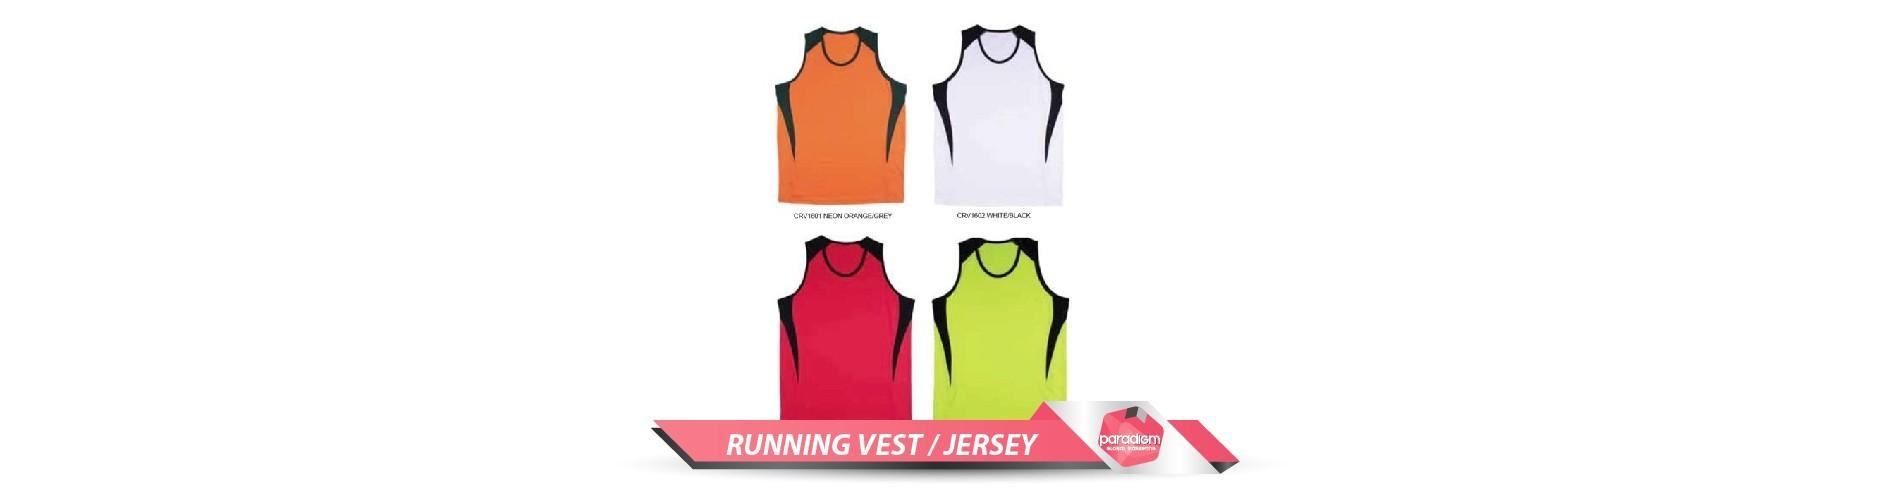 Running Vest / Jersey